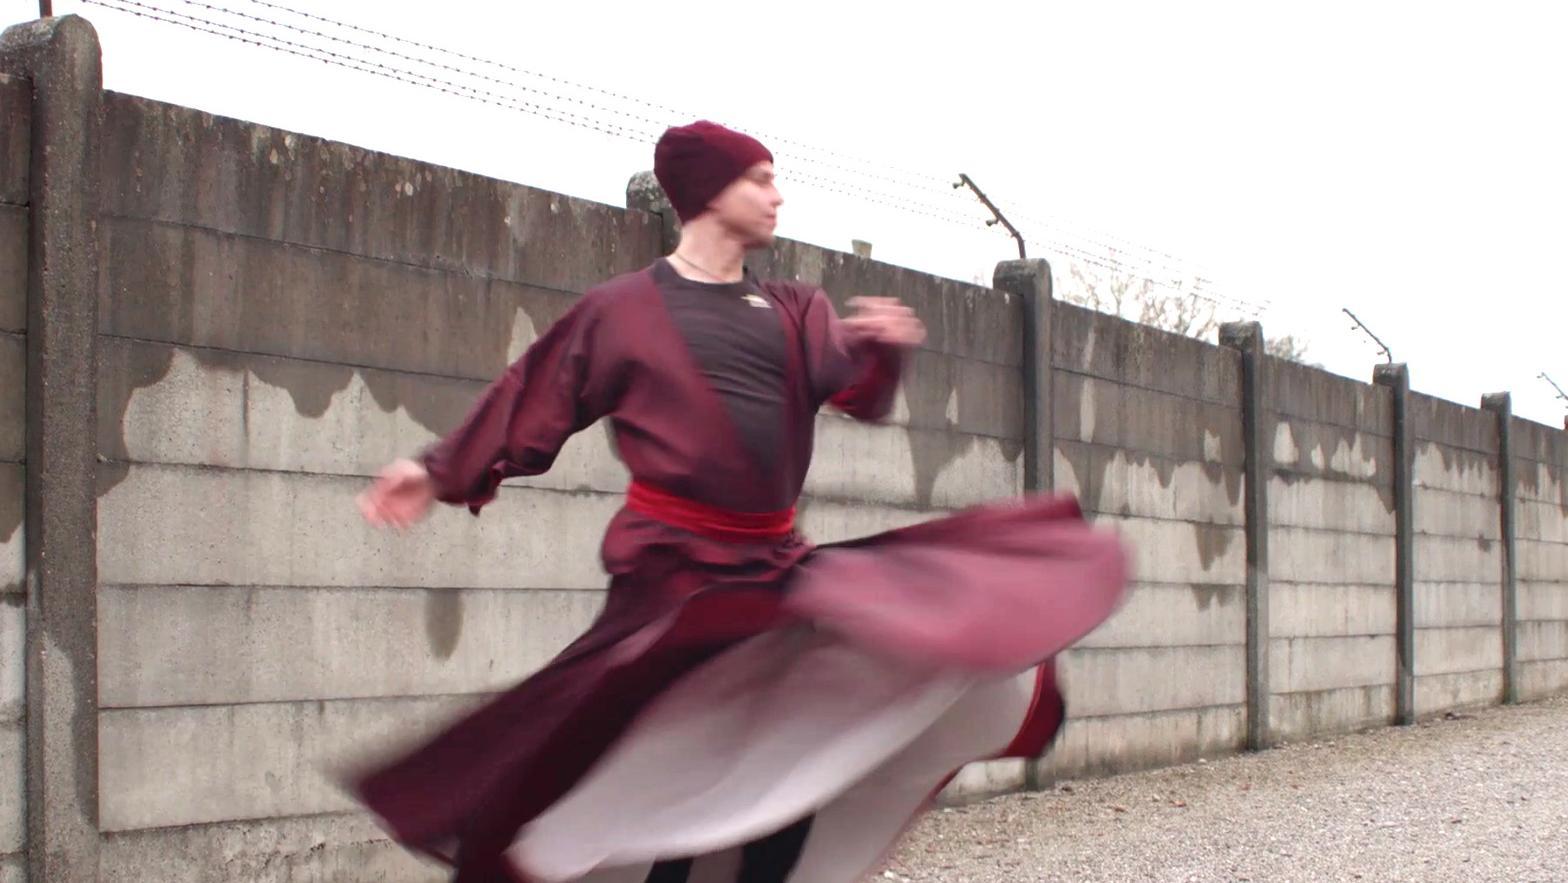 Ein Sufi tanzt vor der Mauer des Konzentrationslagers in Dachau